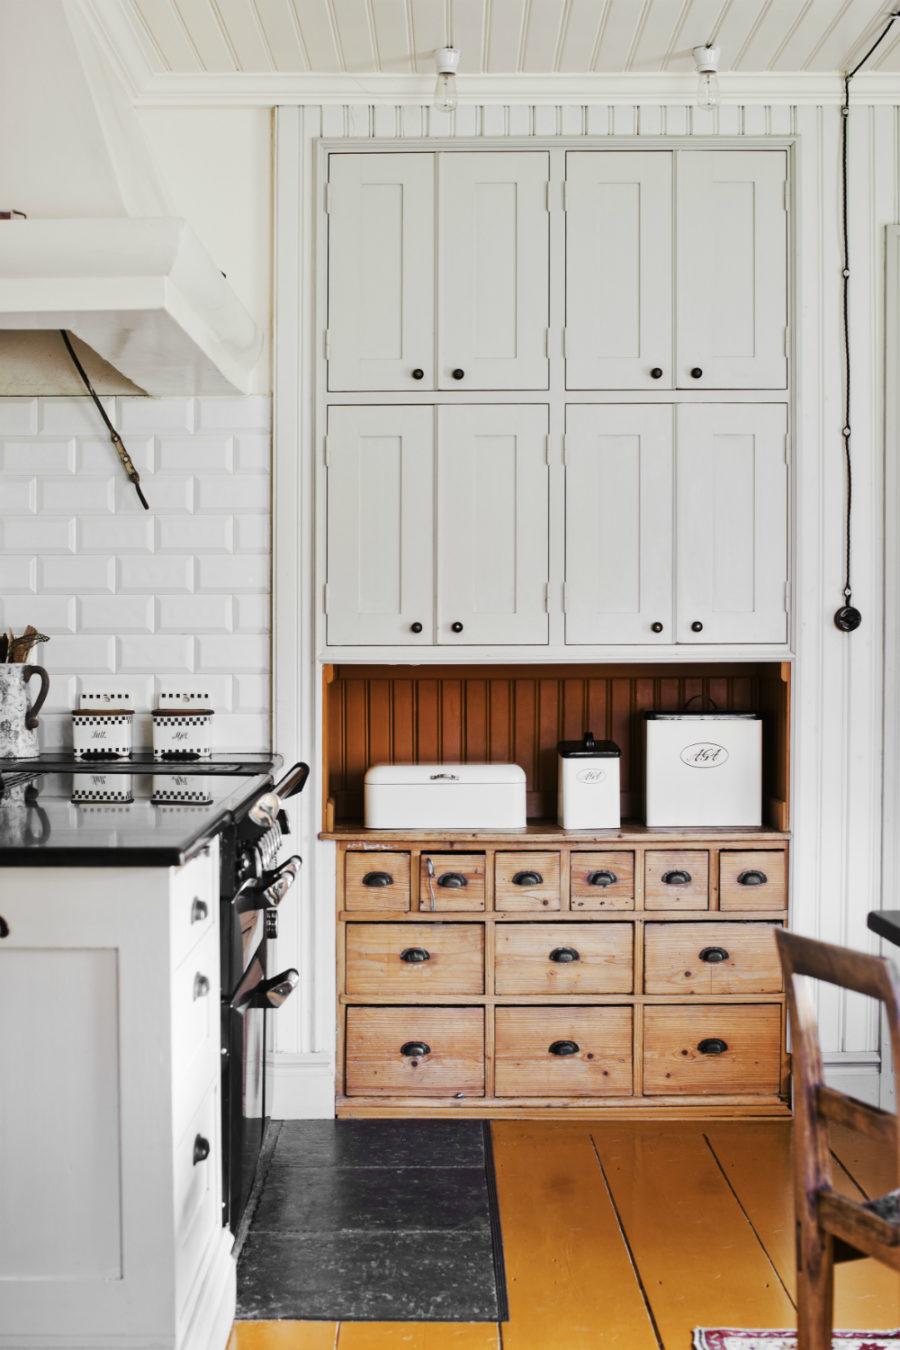 Small Unique Kitchen With Repurposed Cabinet